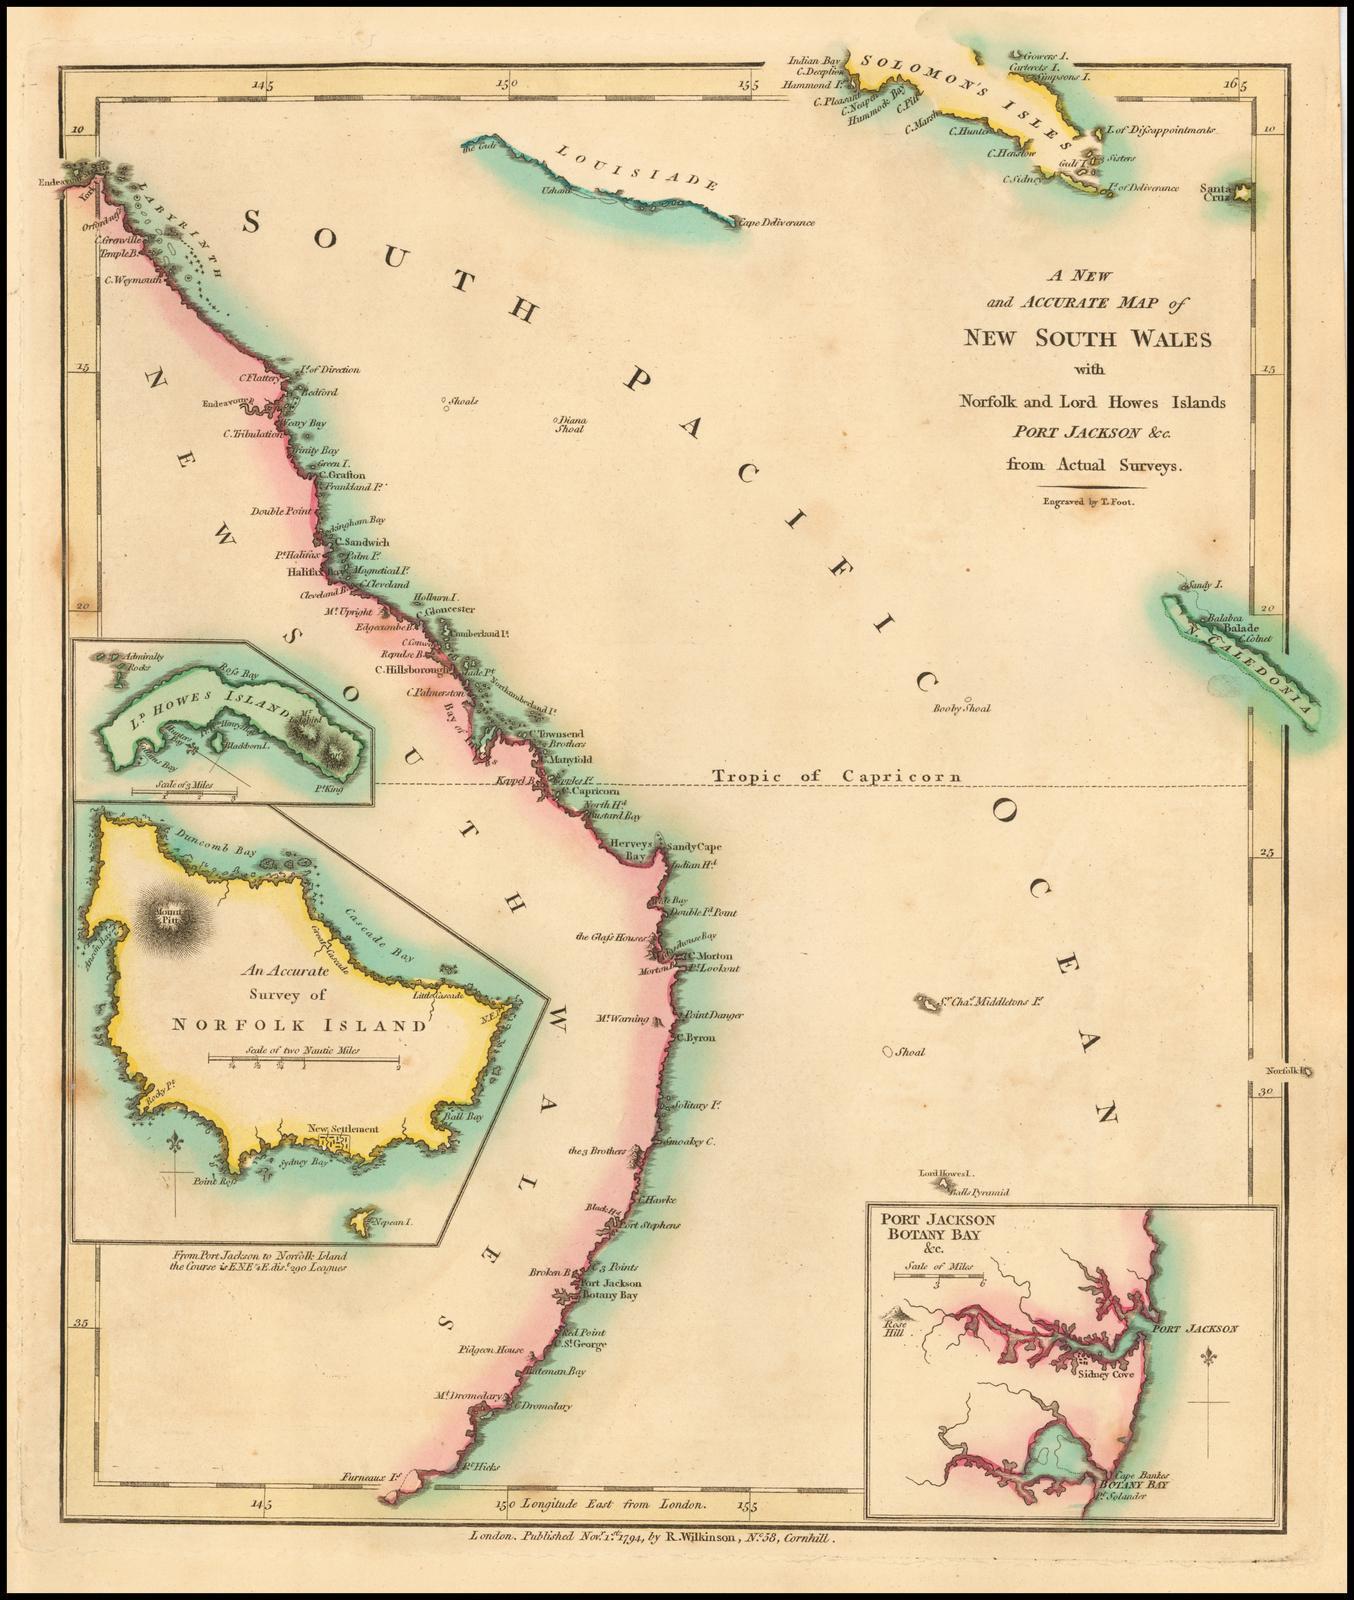 Старинная карта Уилкинсона 1794 года с изображением Австралии